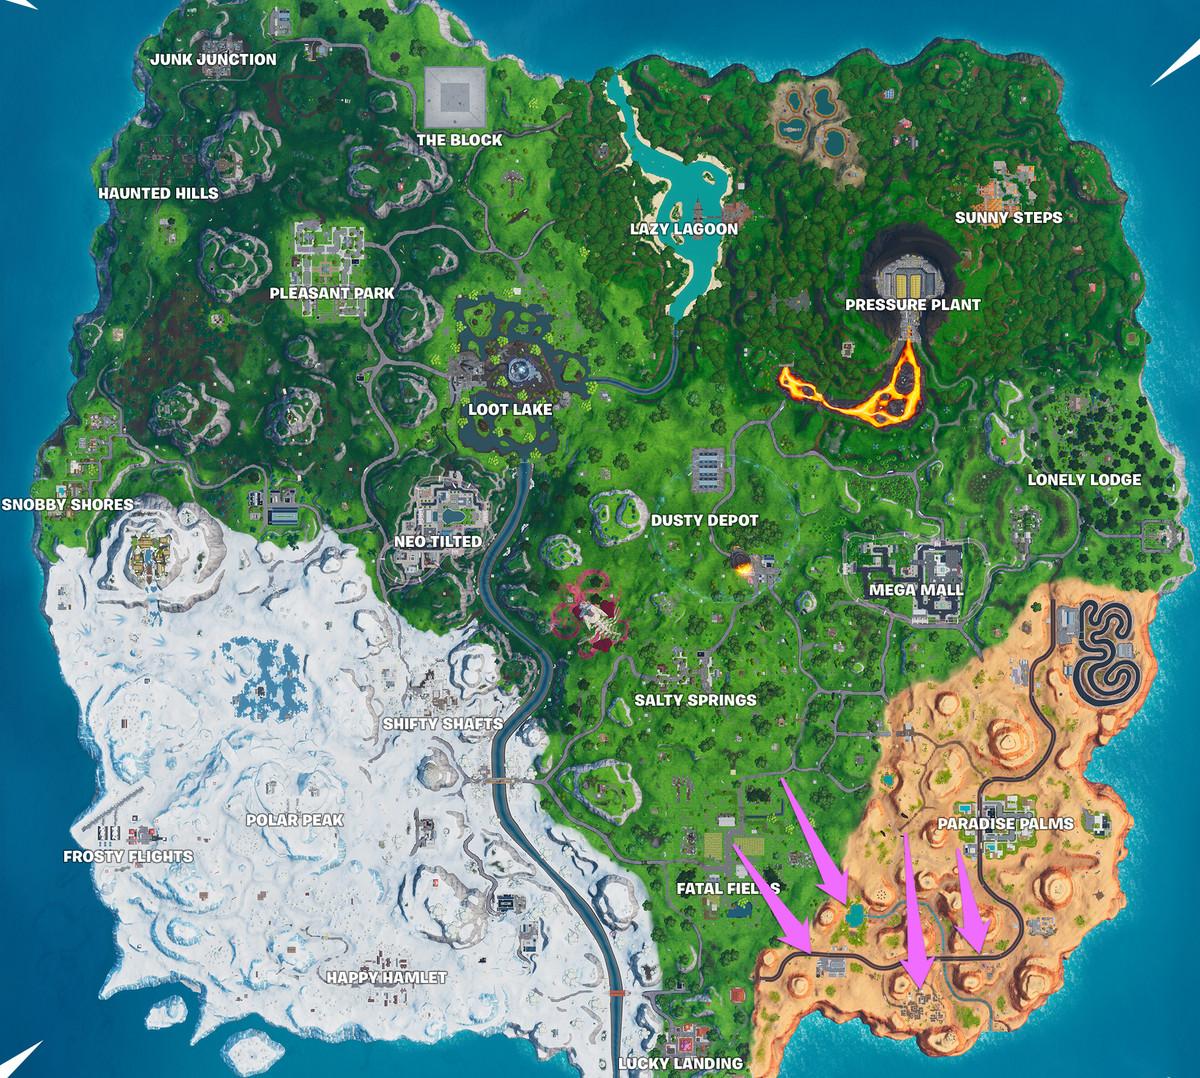 ا Fortnite الخريطة مع تحديد مواقع العديد من رموز Vault